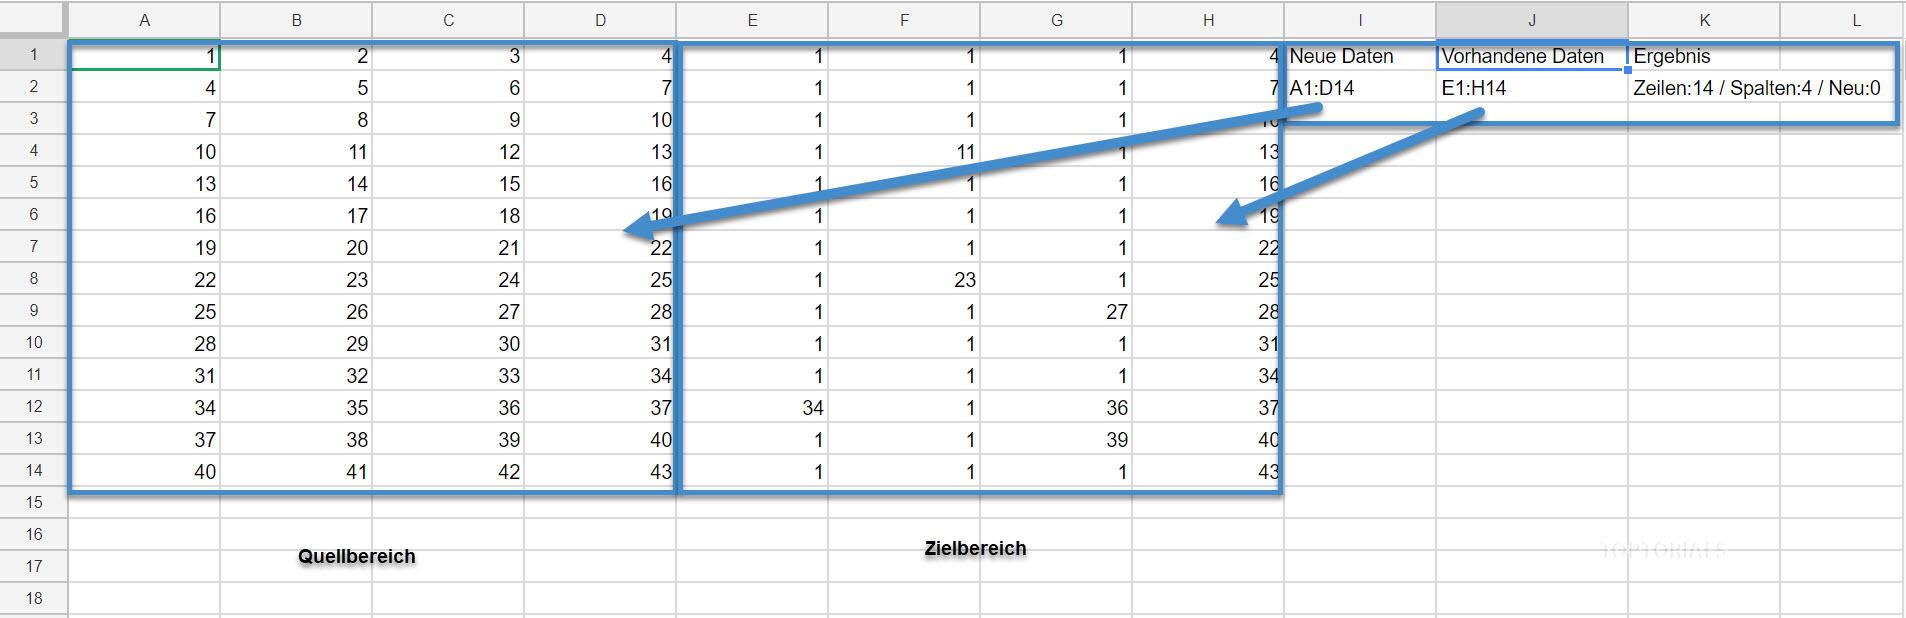 Tabelle für das Script zum Kopieren und Einfügen ohne Überschreiben